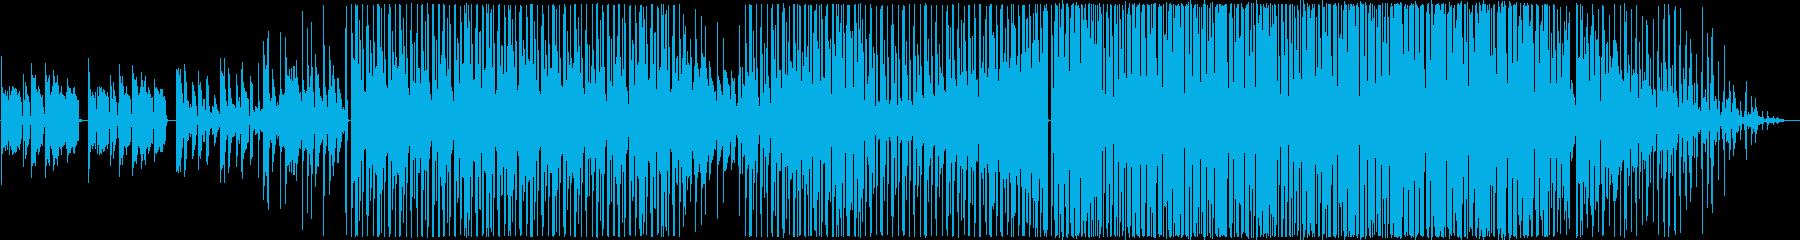 ポップダンス。アルペジエーターとシ...の再生済みの波形